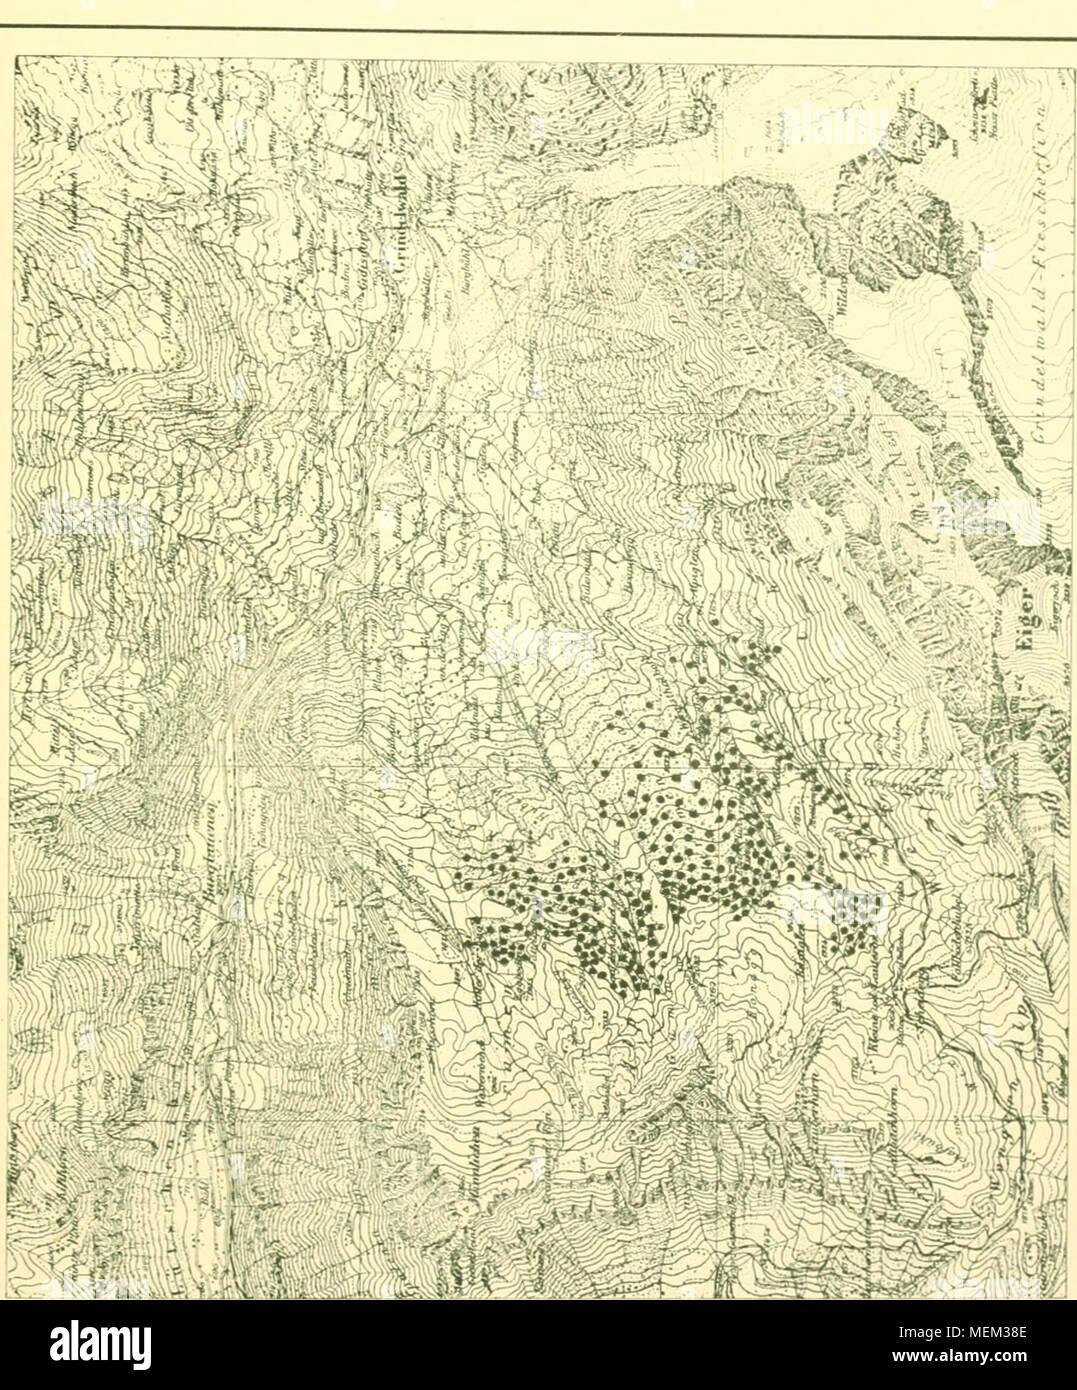 . Die Arve in der Schweiz : ein Beitrag zur Waldgeschichte Waldwirtschaft und der Schweizer Alpen . Foto Stock